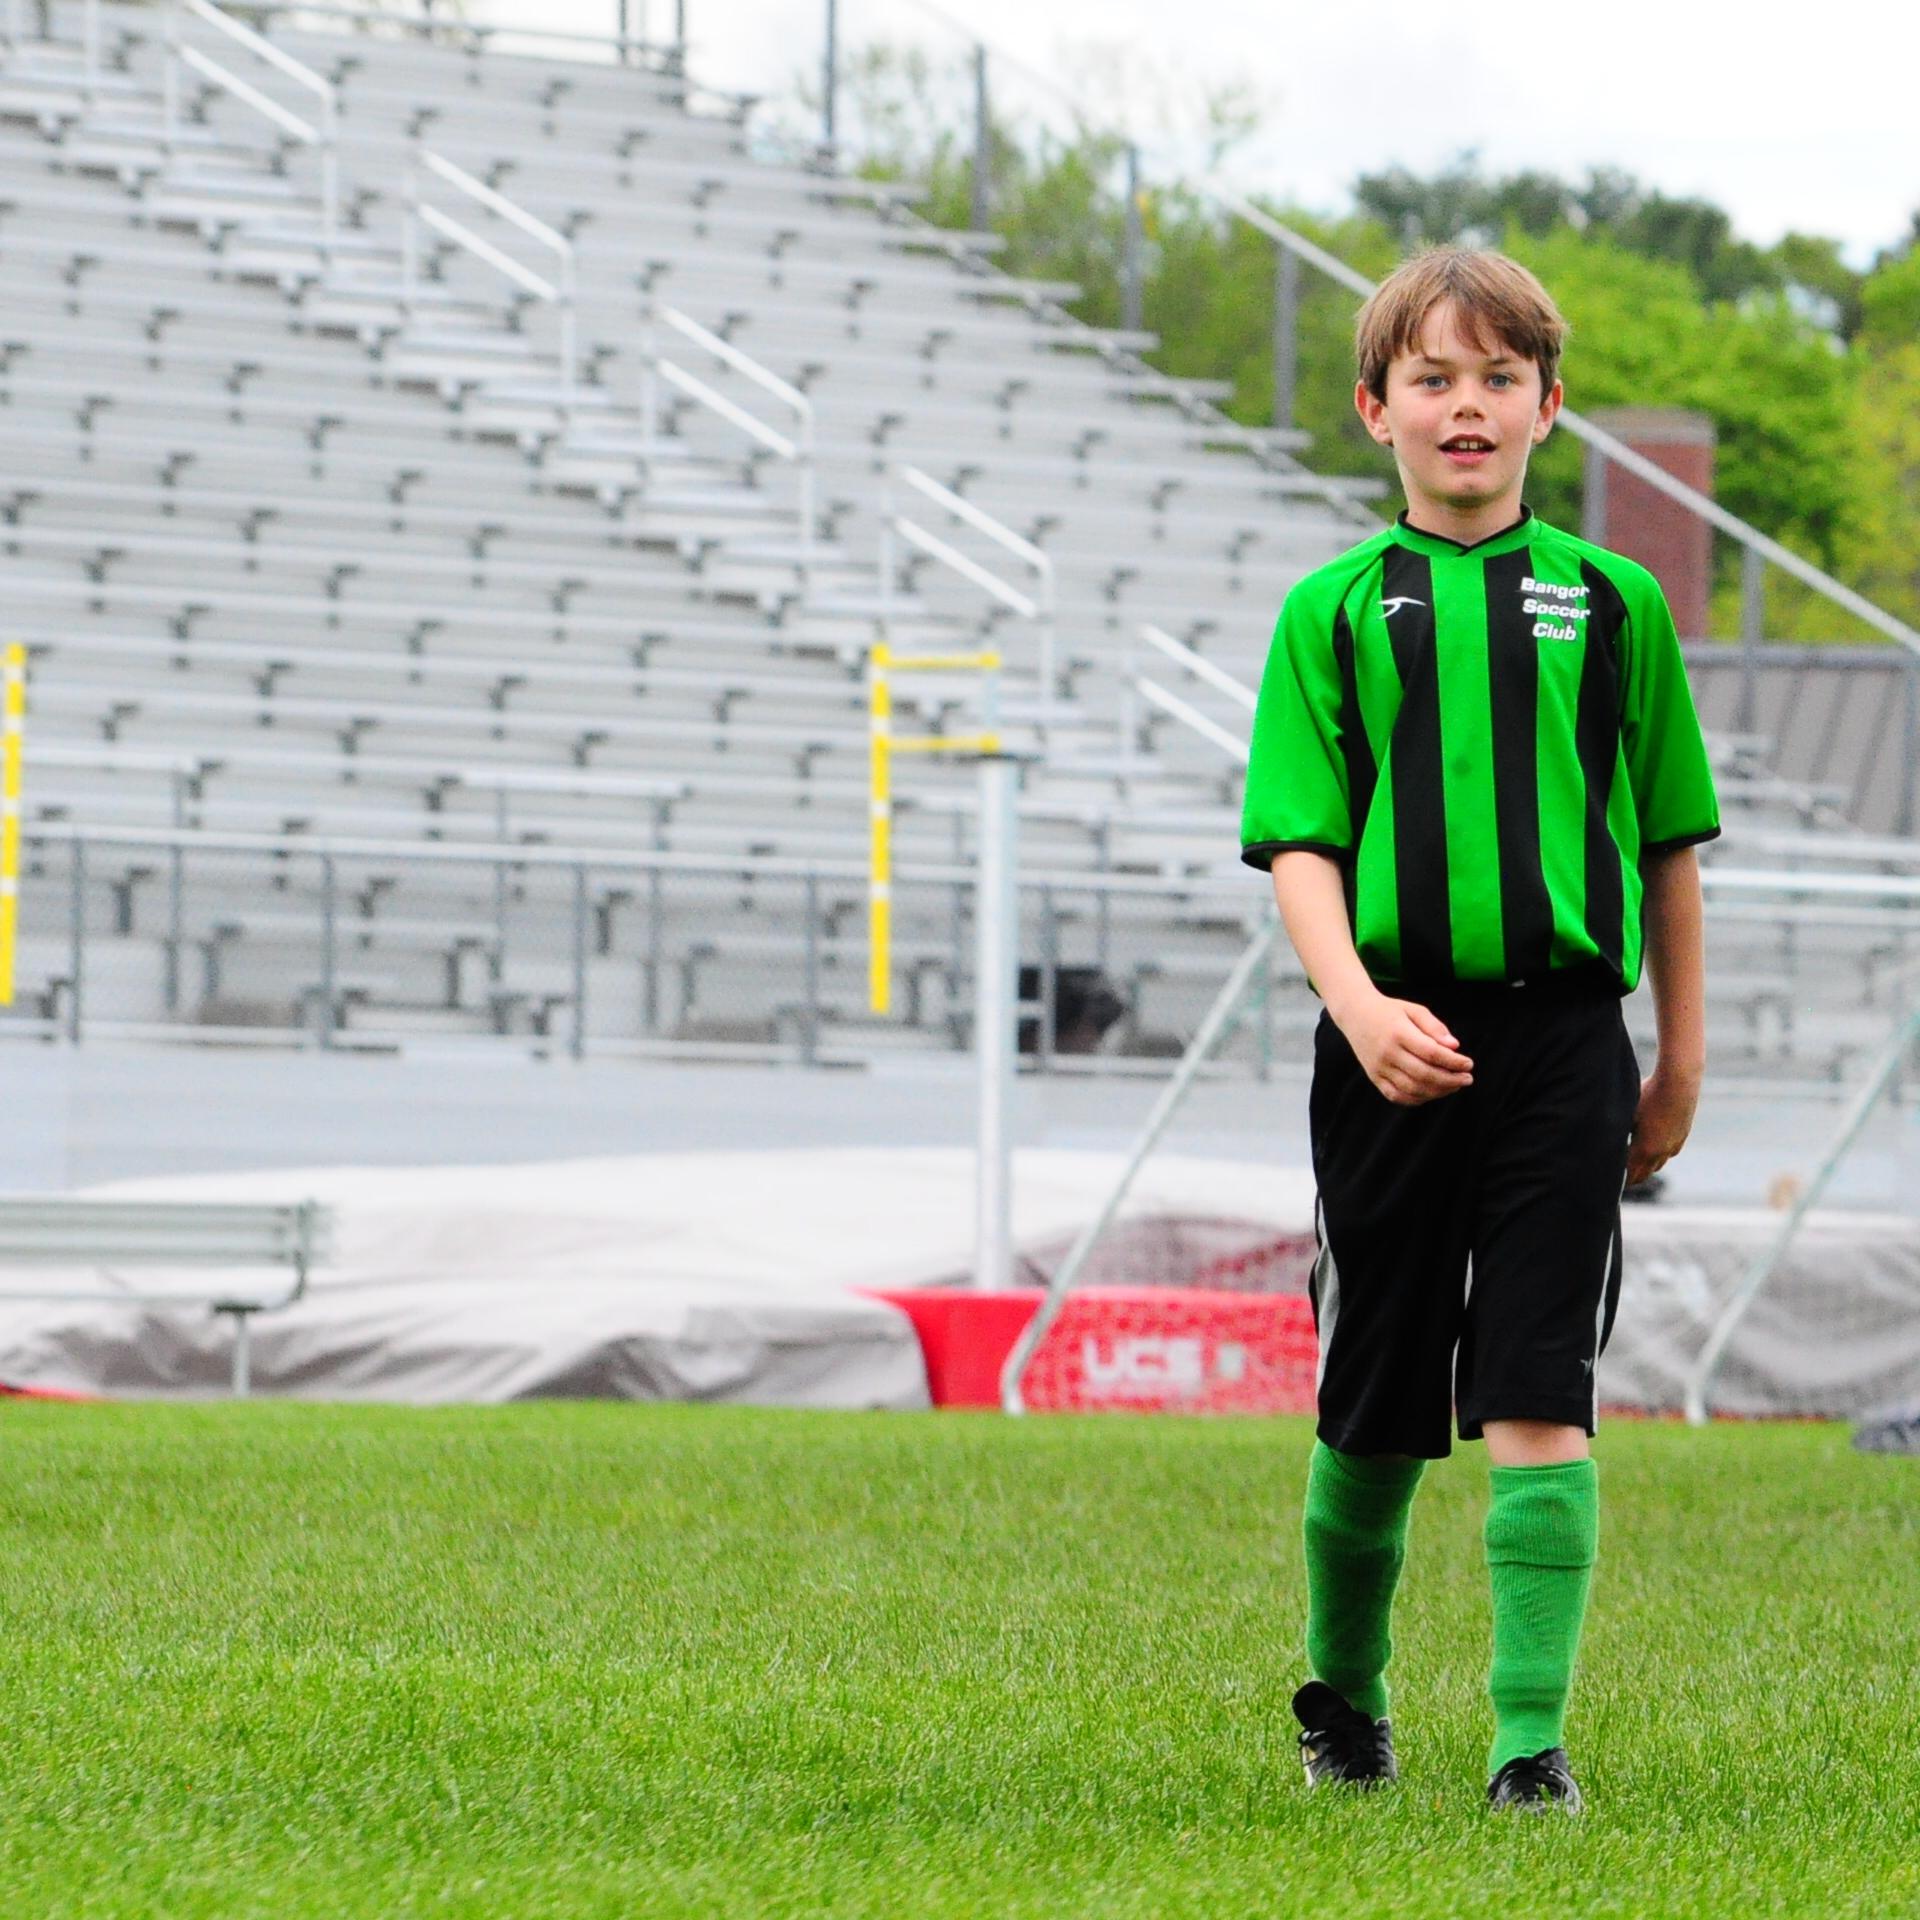 LK soccer